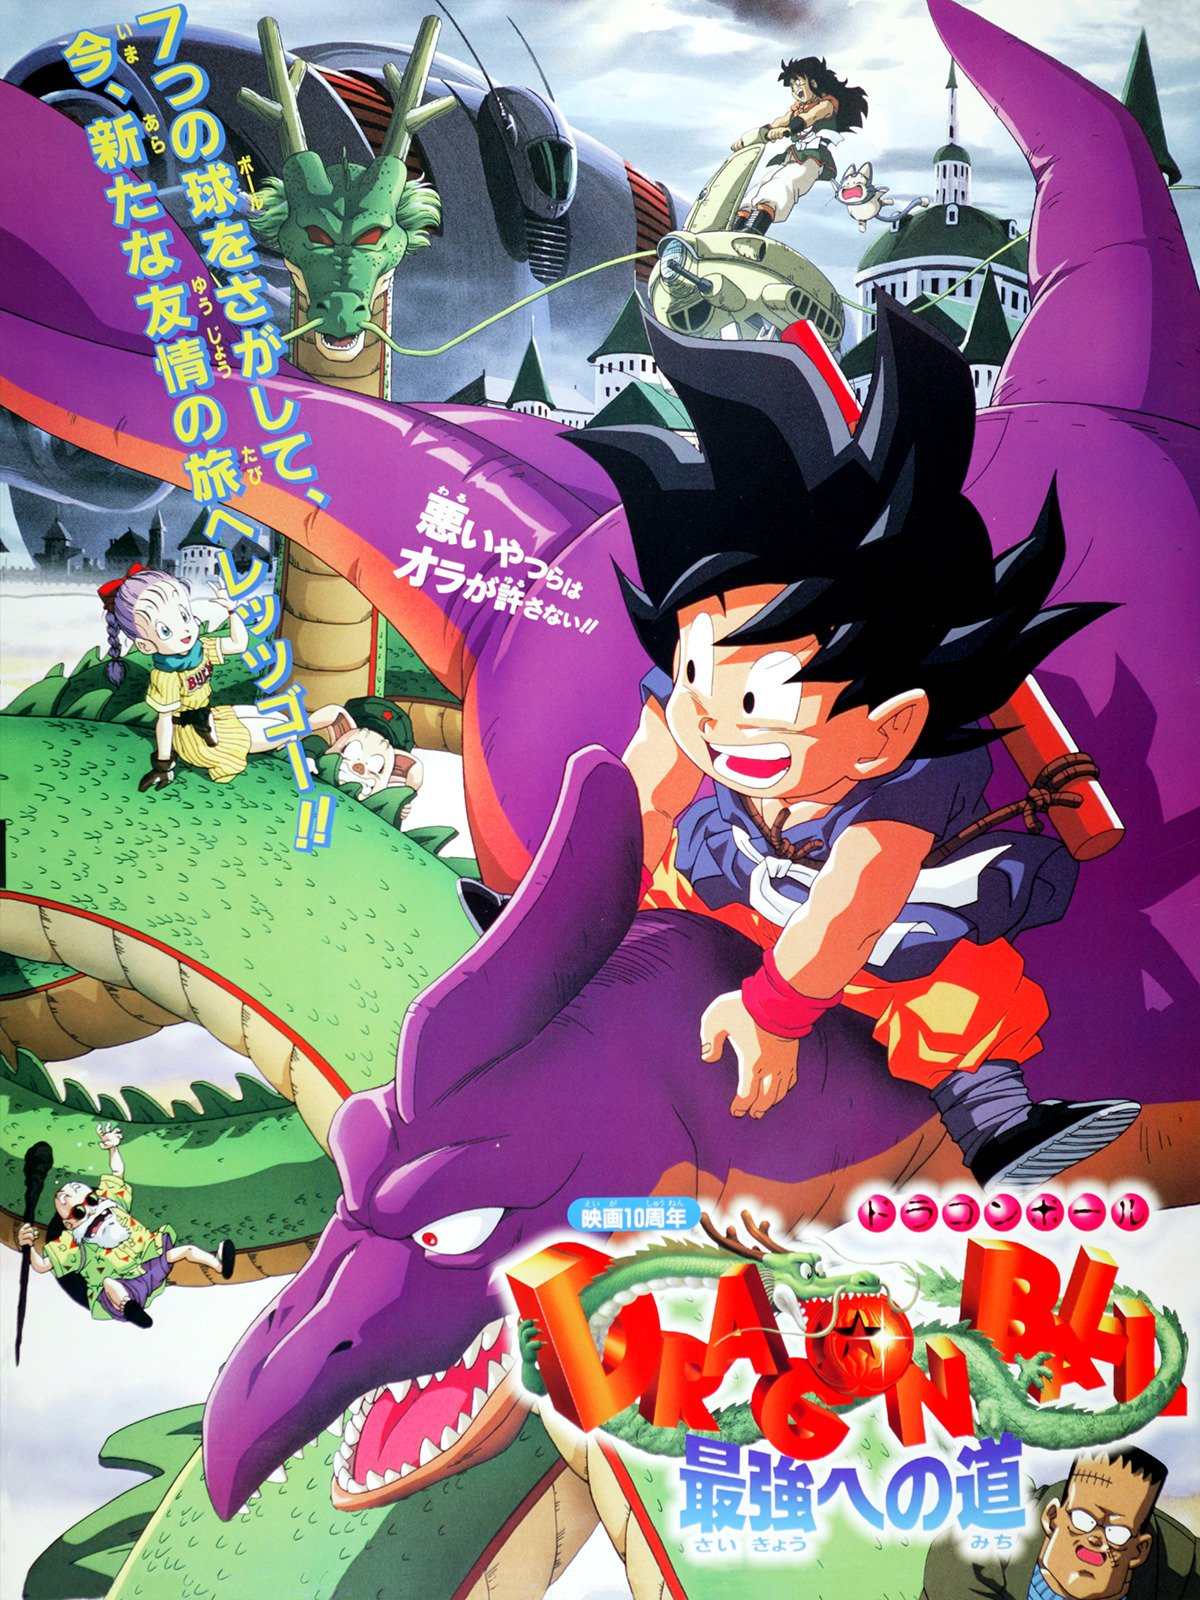 『ドラゴンボール 最強への道』ポスター画像